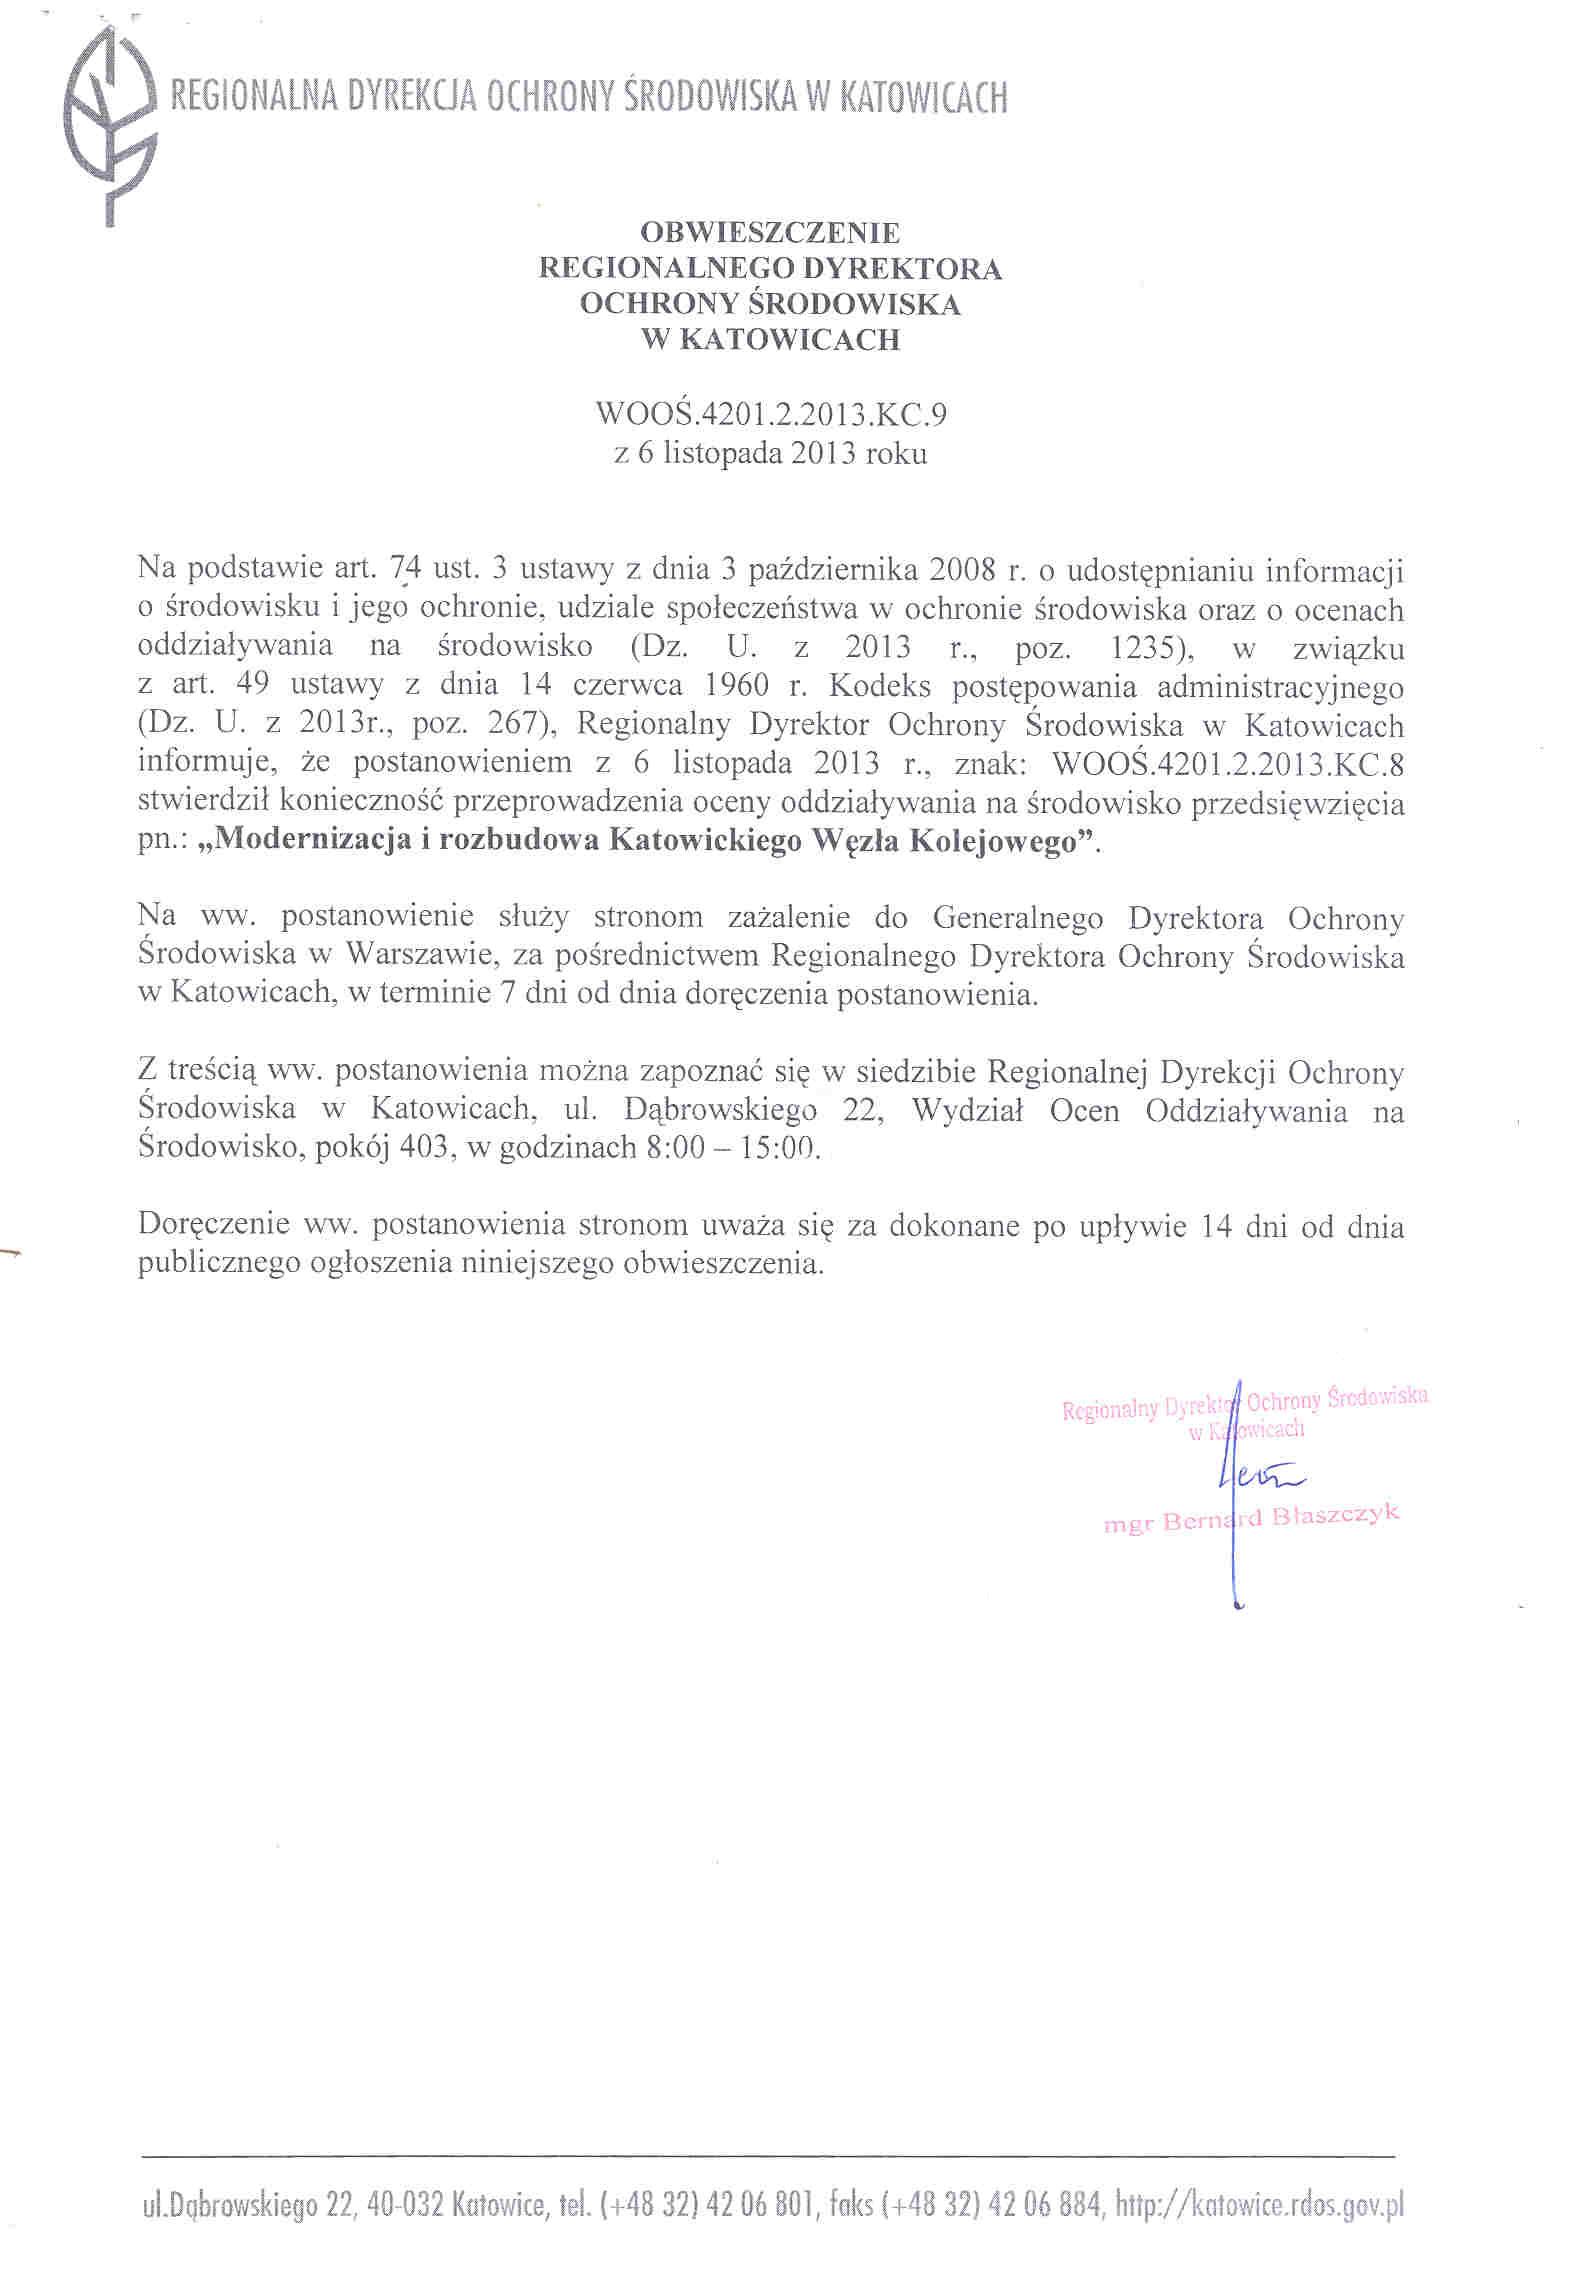 Obwieszczenie Regionalnego Dyrektora Ochrony Środowiska w sprawie oceny oddziaływania przedsięwzięcia na środowisko.jpeg